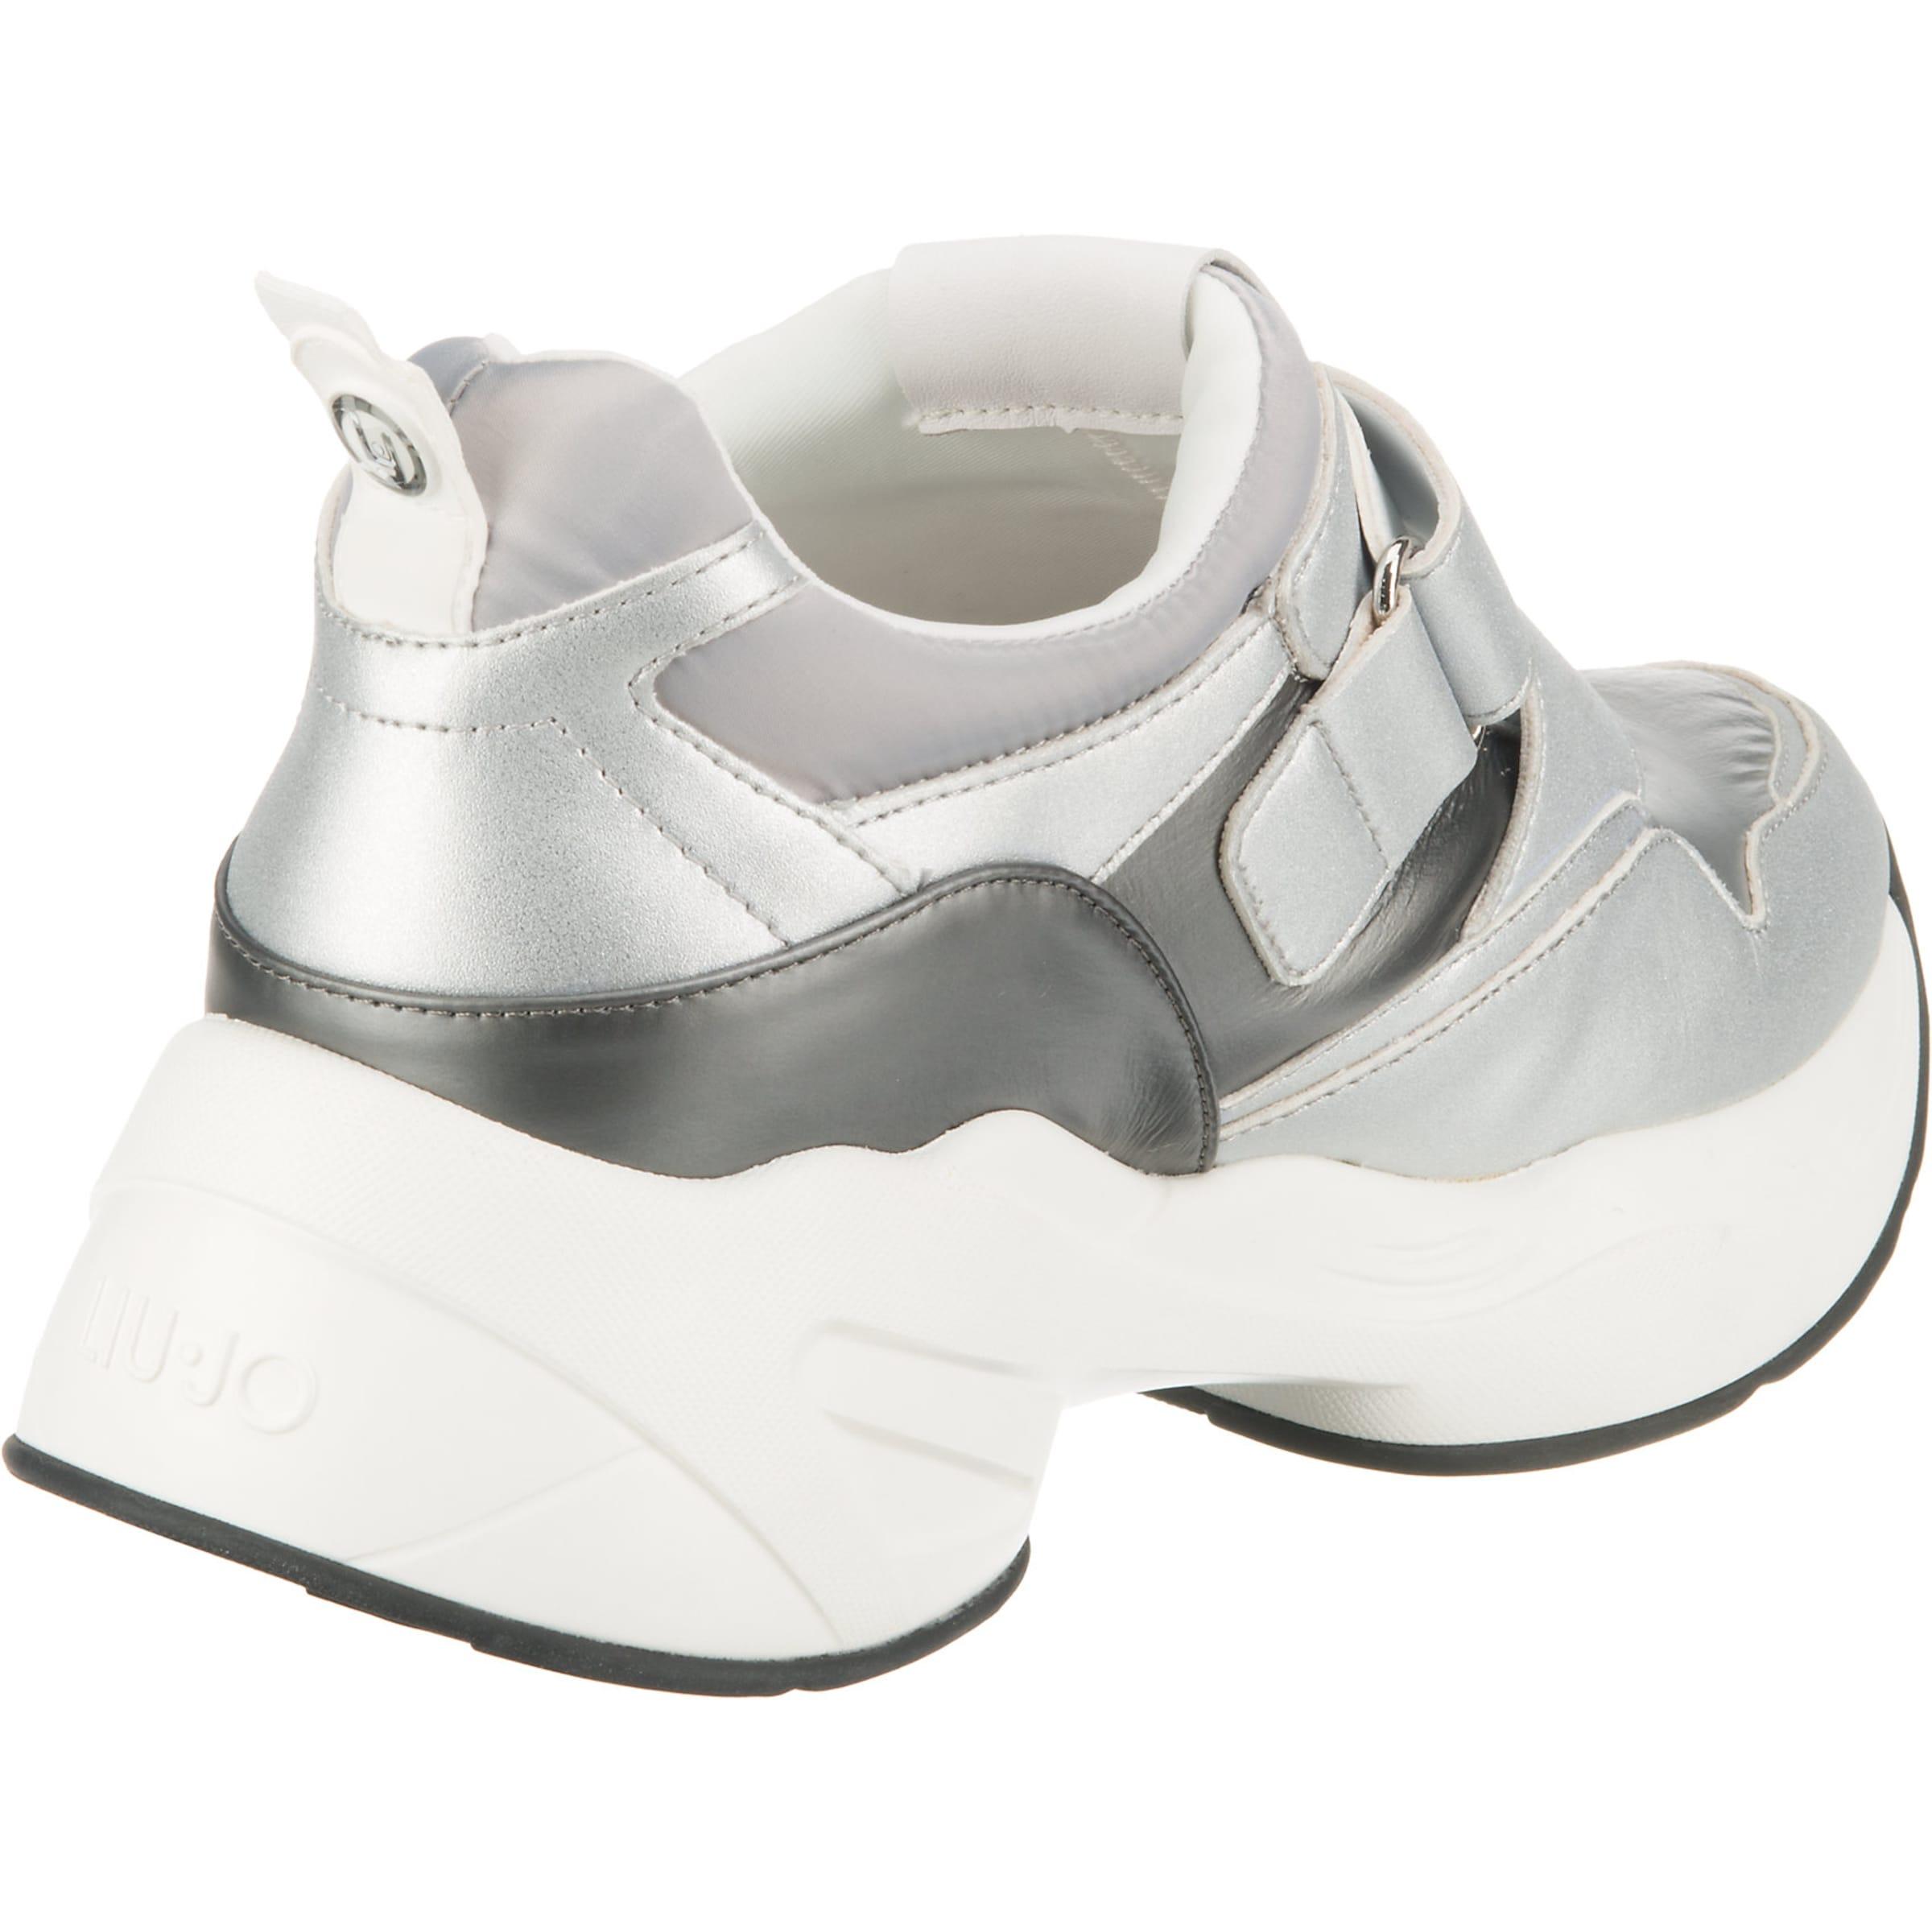 SilberWeiß 10' Liu In Jo Sneakers Low 'jog l3KTFJc1